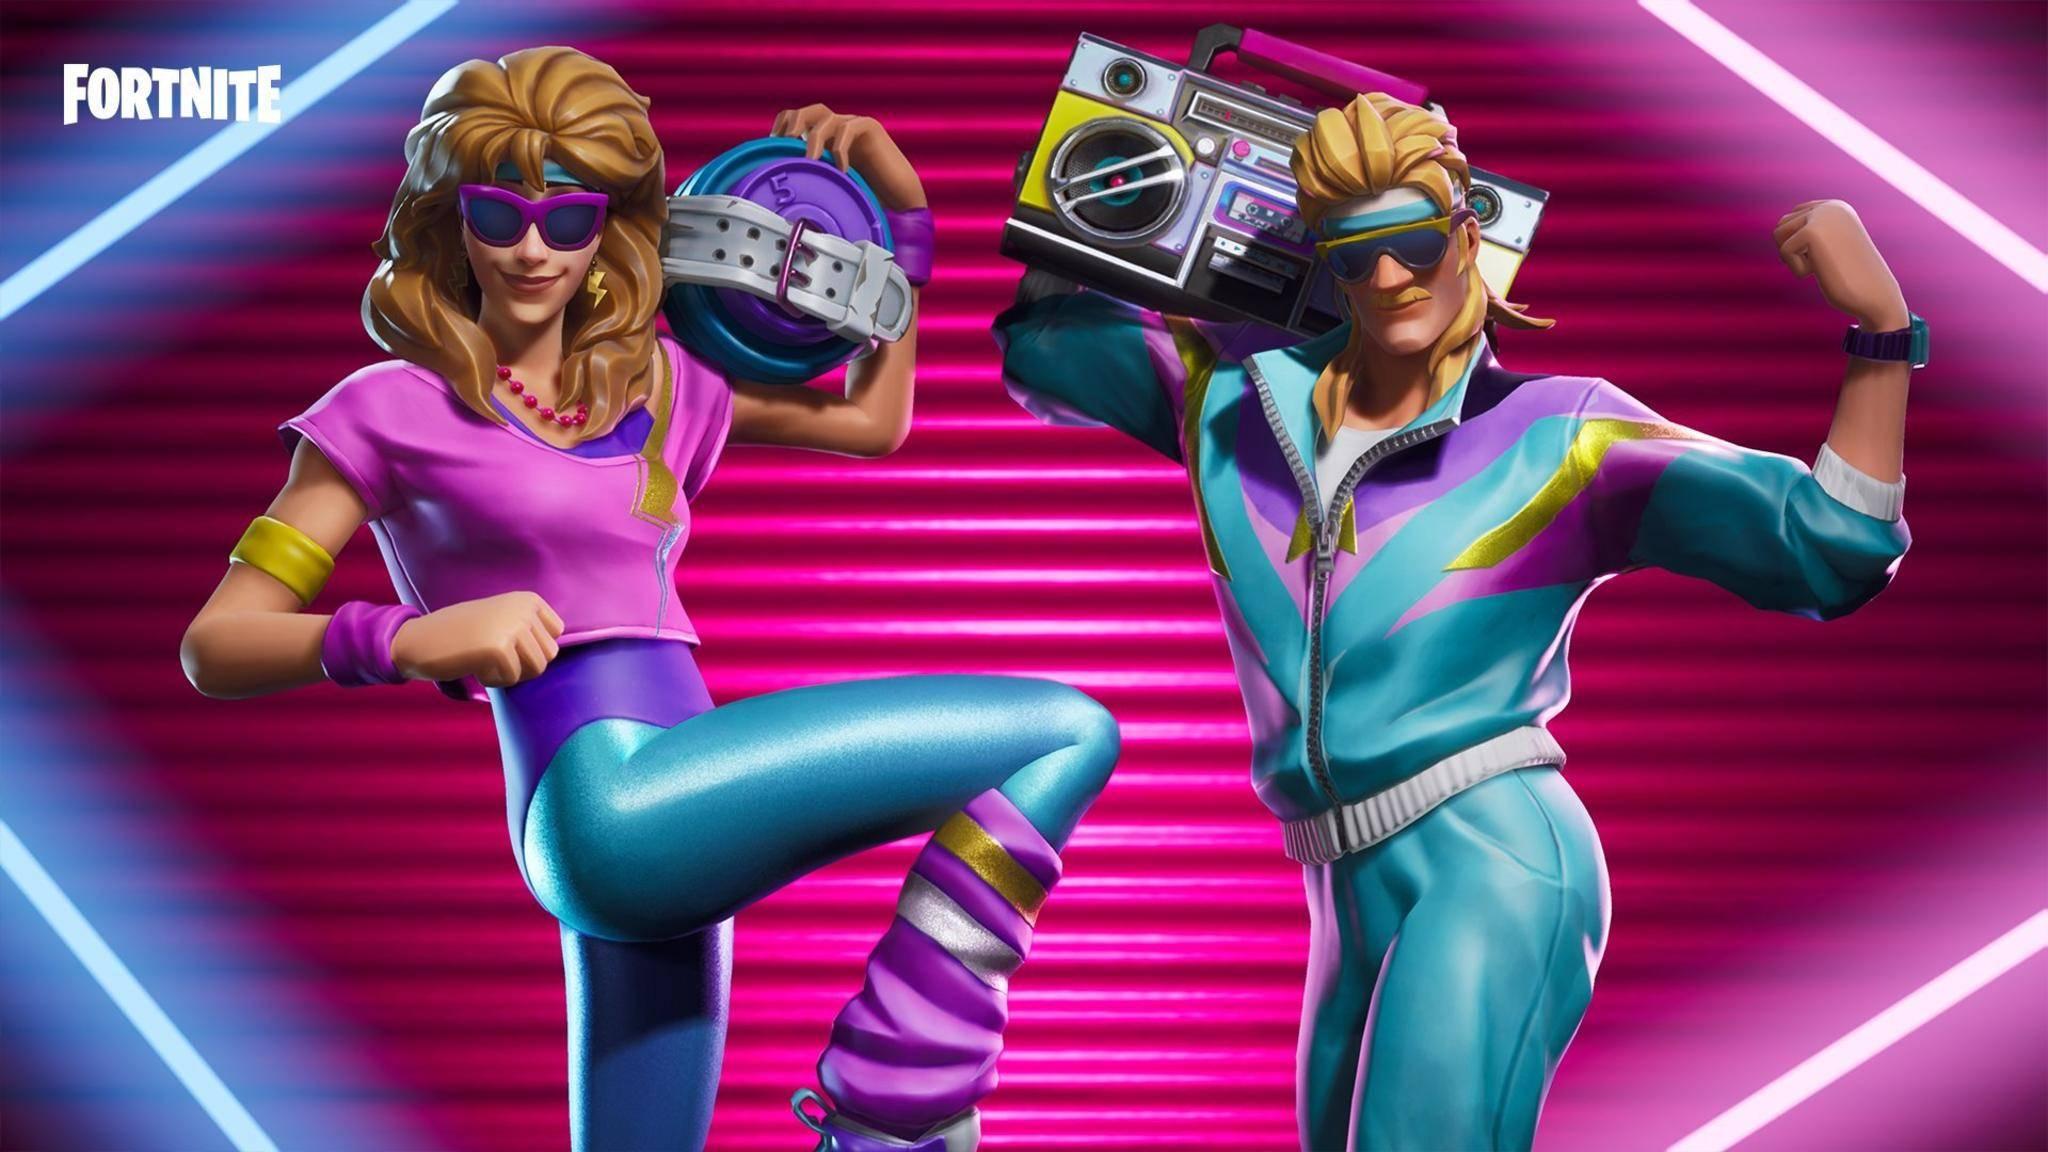 """Bitte zappeln Sie jetzt! """"Fortnite"""" belohnt Tänzer und Tänzerinnen in einem neuen Modus."""